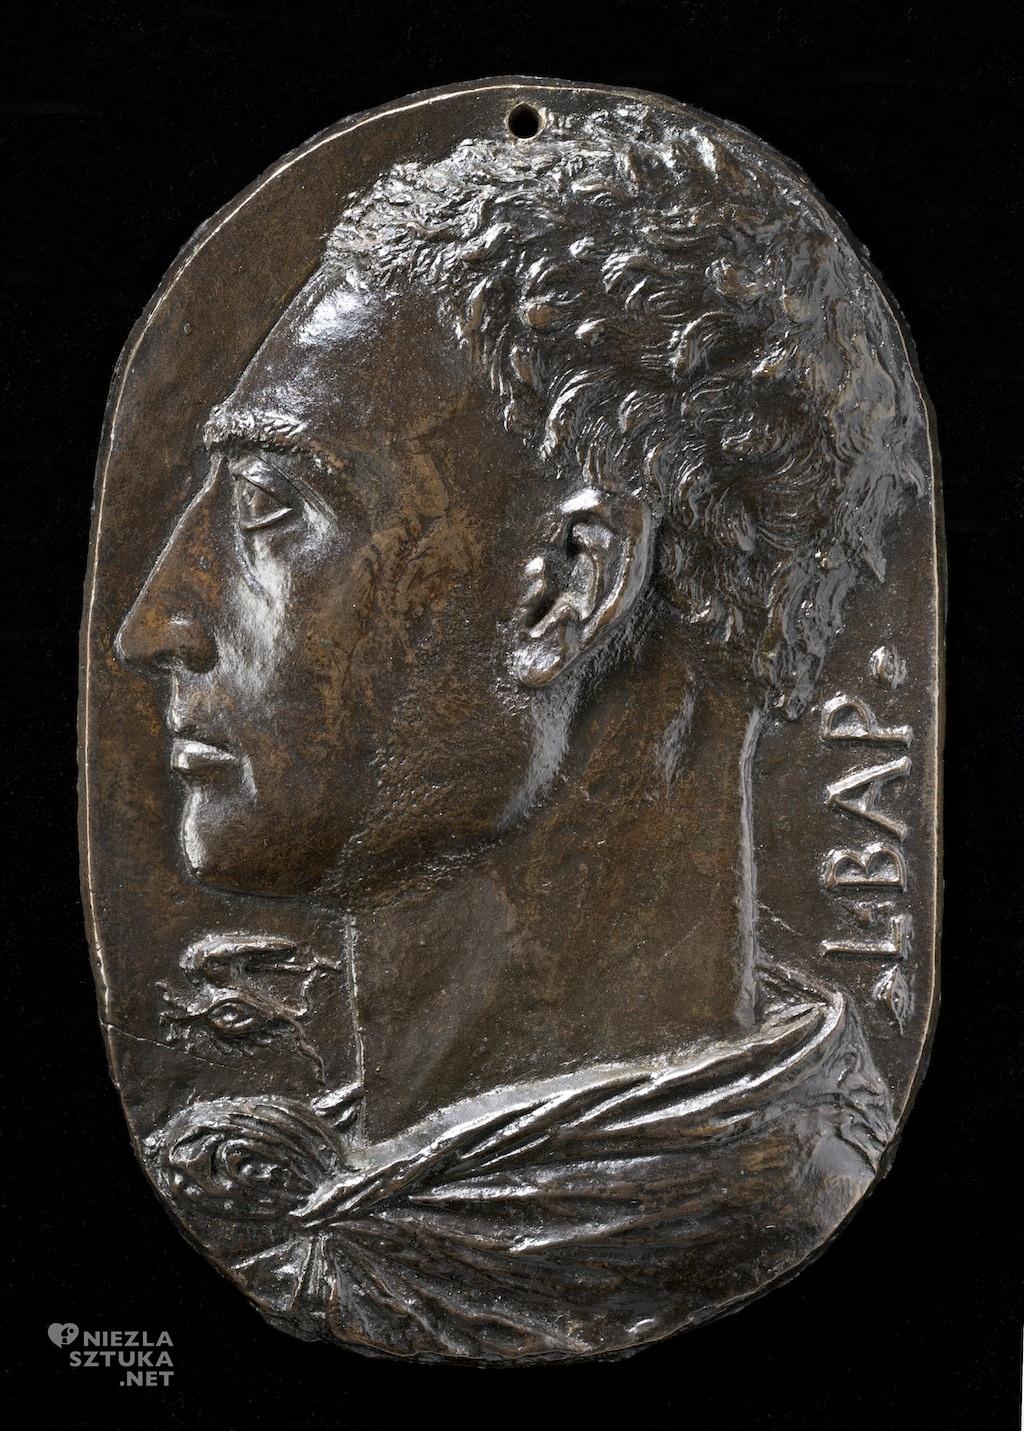 Leon Battista Alberti Autoportret